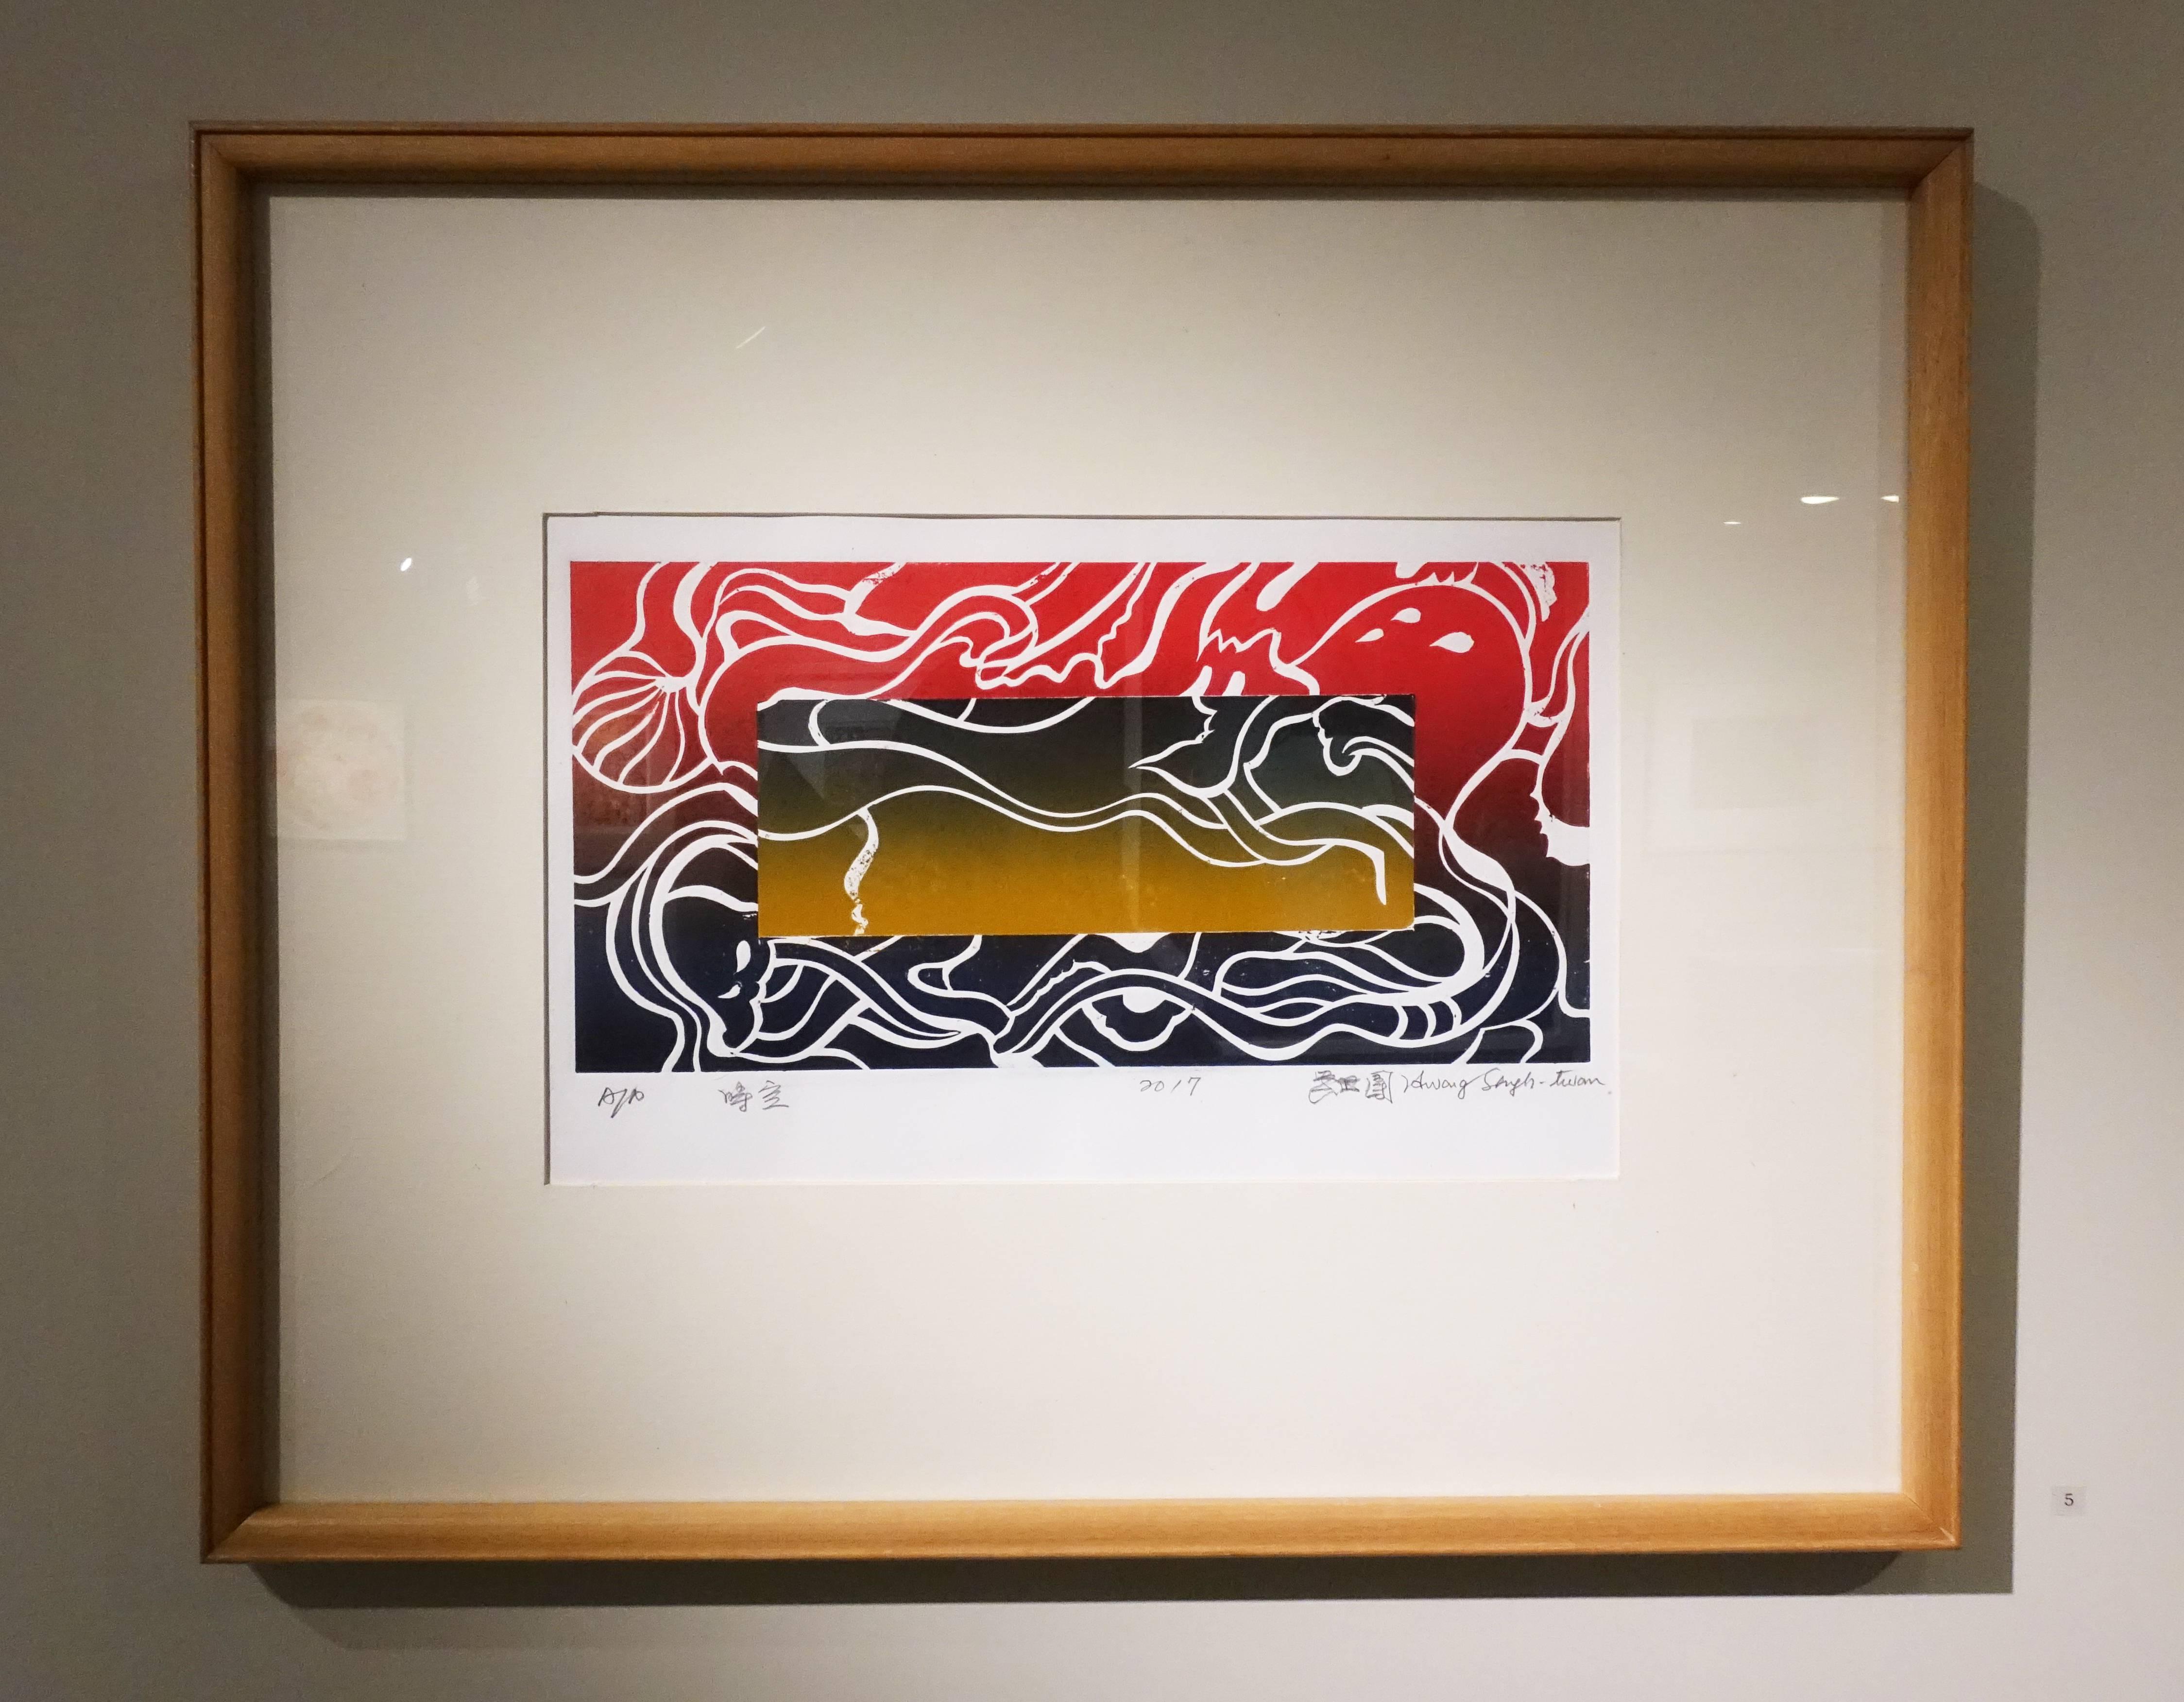 黃世團,《時空》,35 x 54 cm,AP,紙凸版,2017。